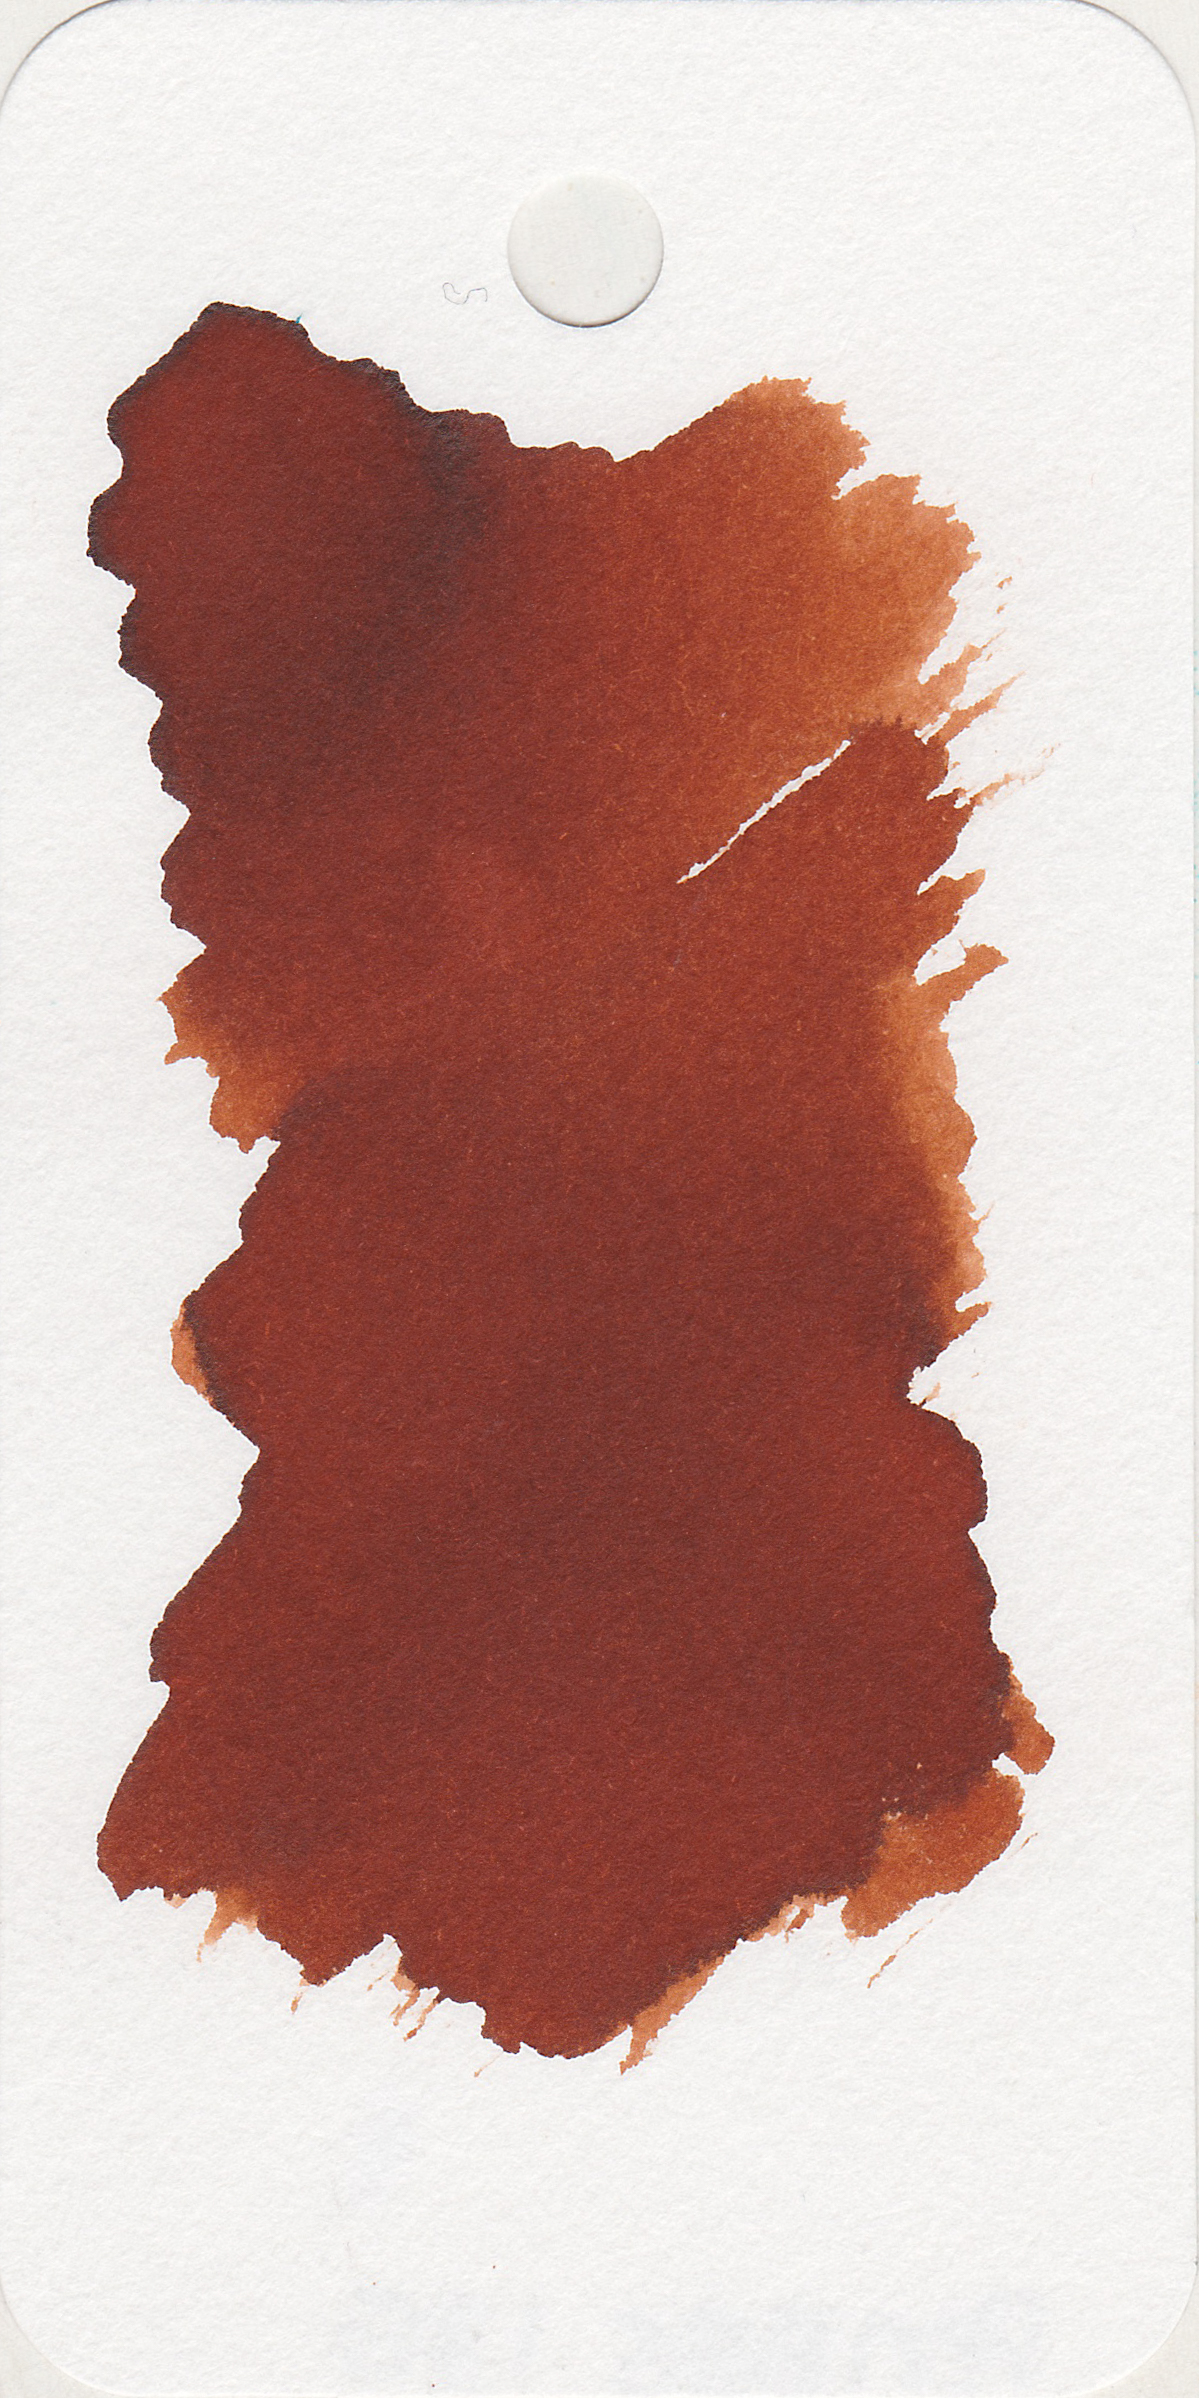 nood-antietam-3.jpg